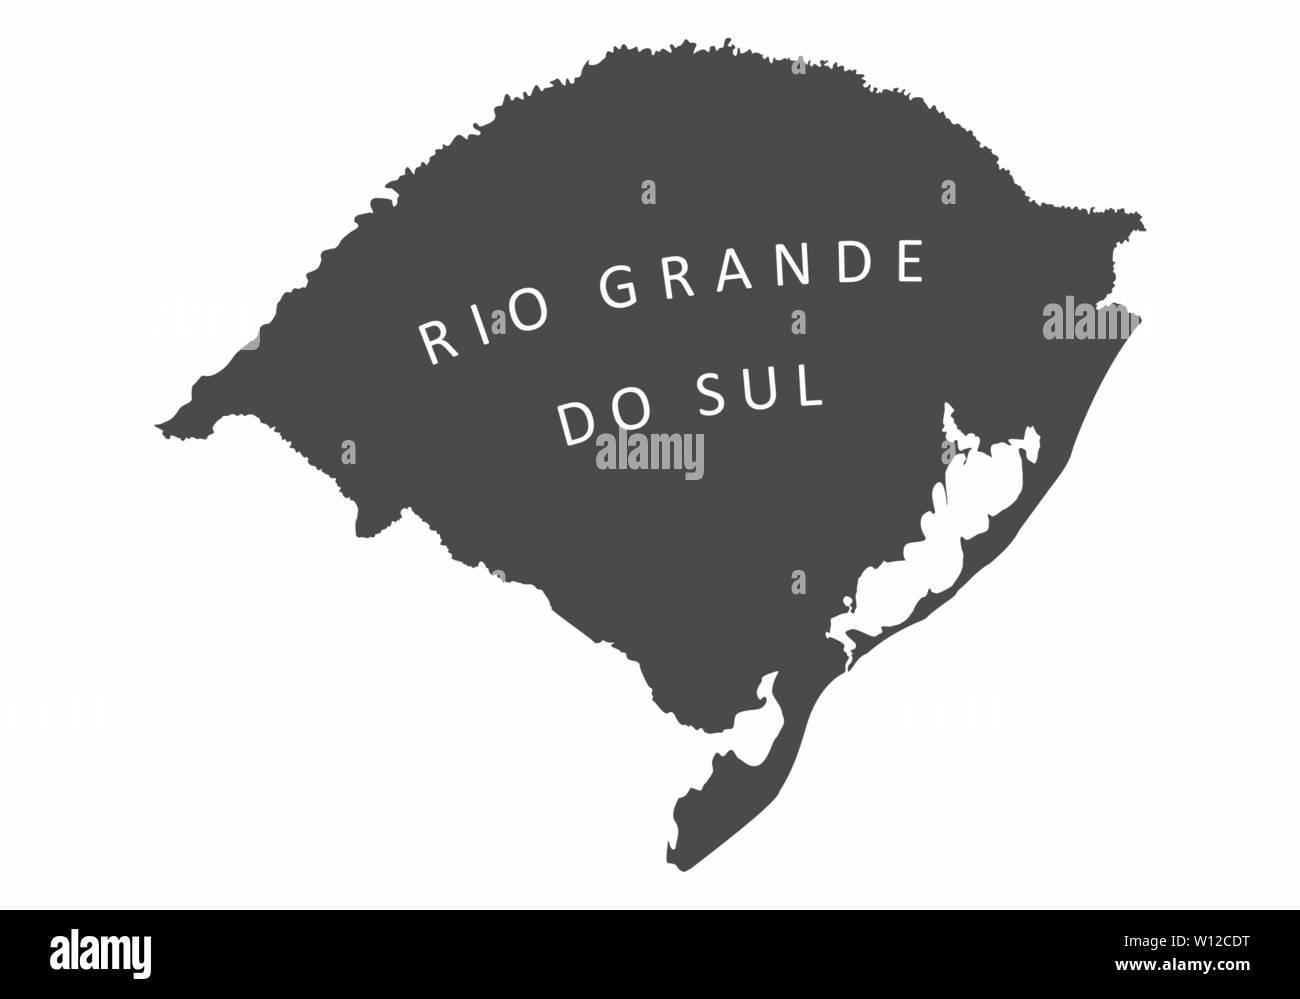 Illustration of the Rio Grande do Sul State silhouette map, Brazil Stock Vector